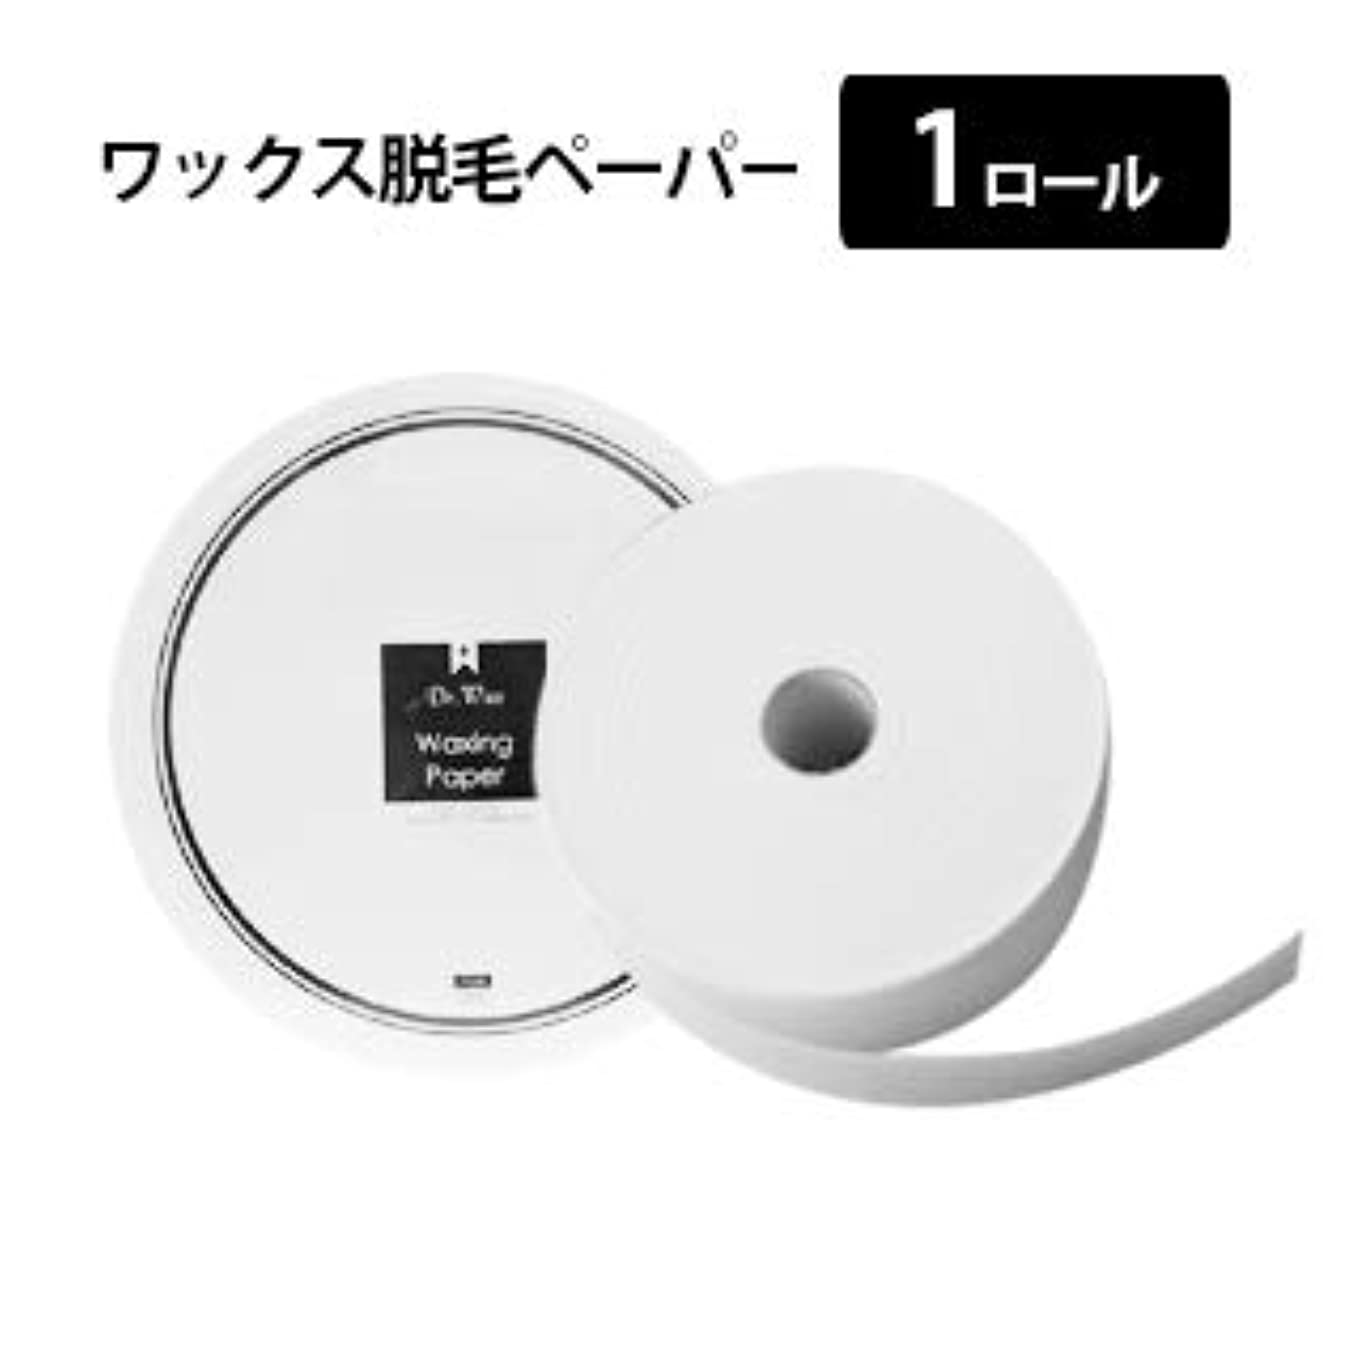 傀儡記事昼寝【1ロール】ワックスロールペーパー 7cm スパンレース素材